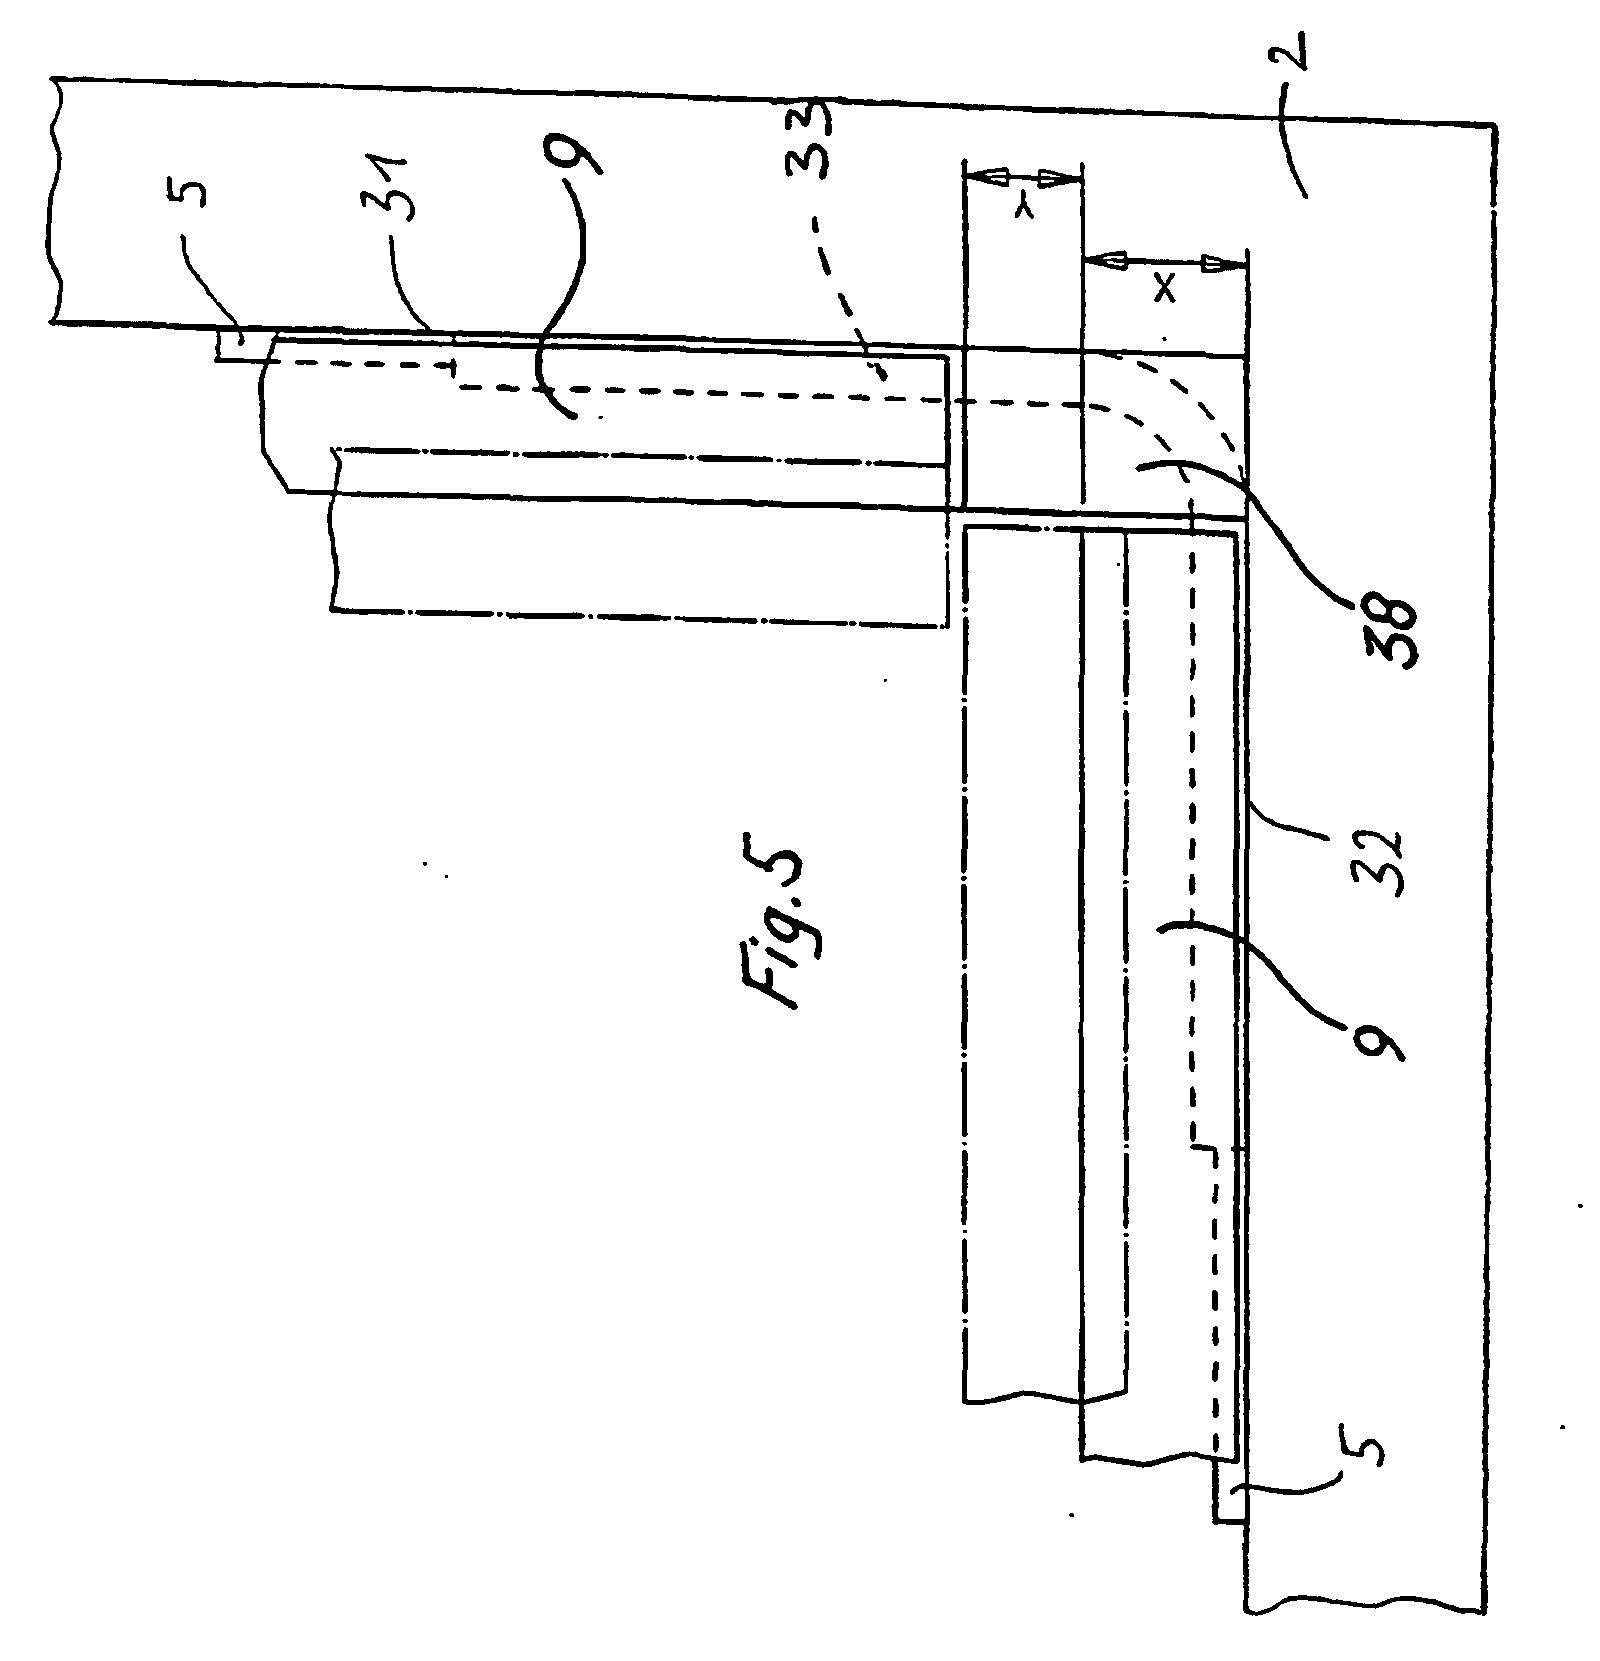 专利ep0945580b1 - beschlag